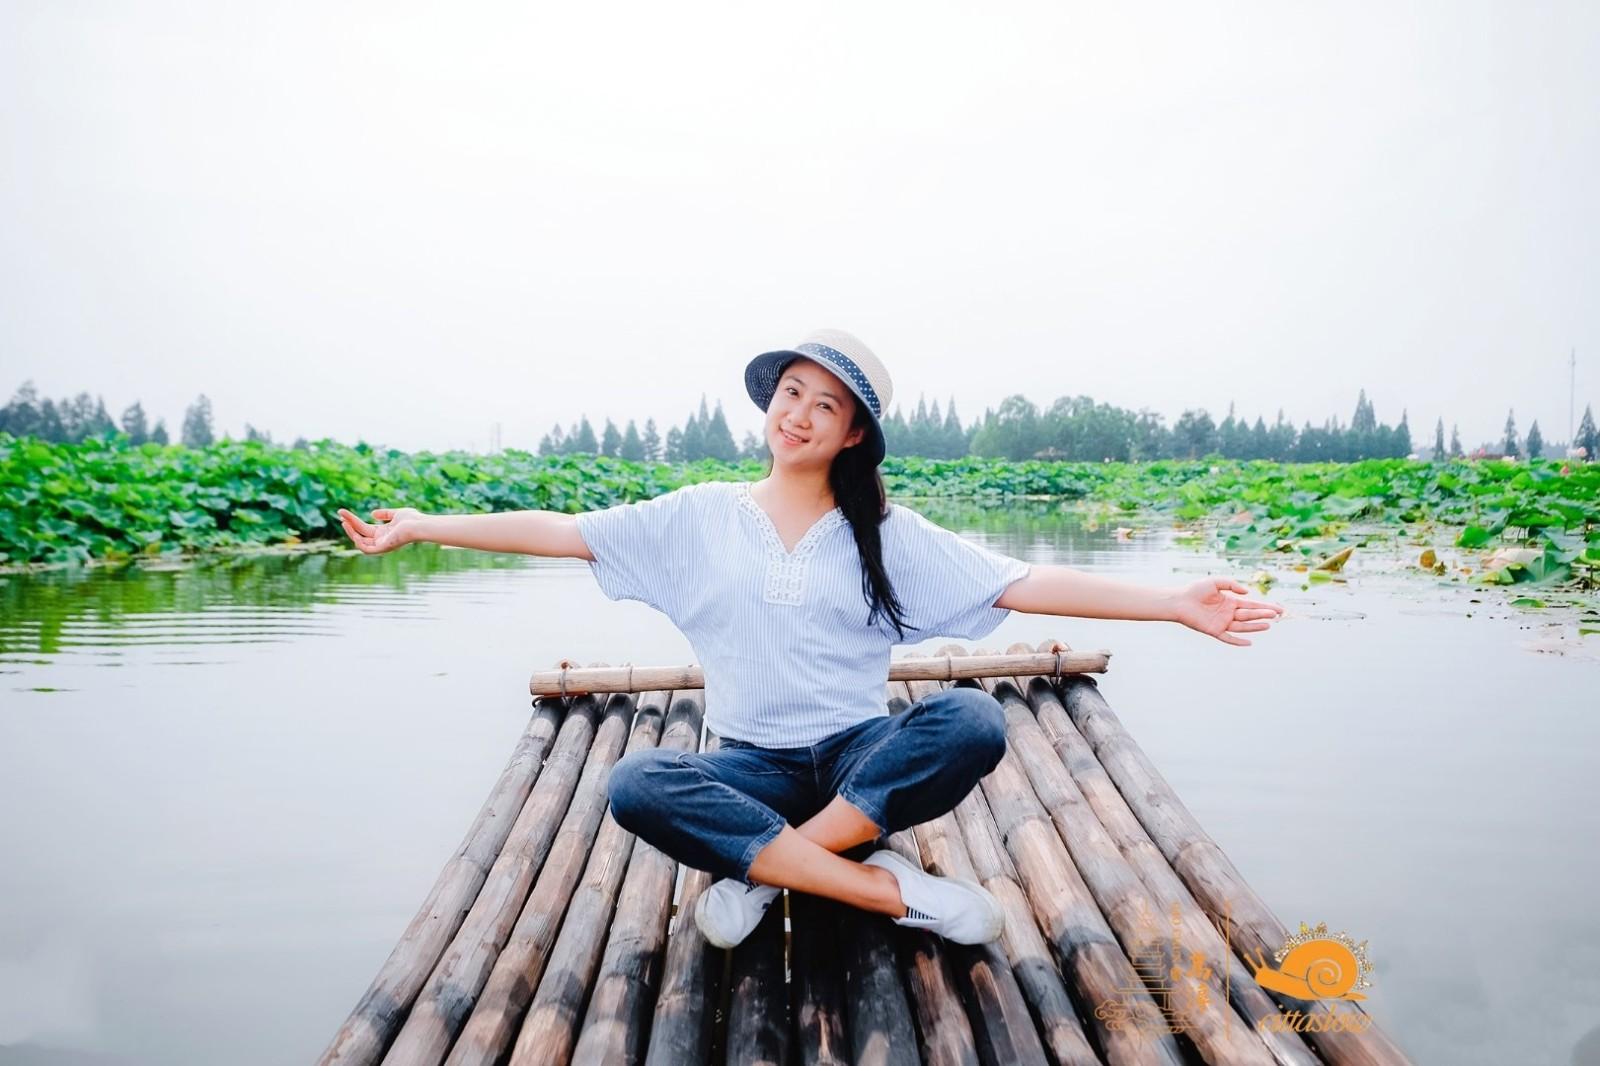 去南京乡村体验慢生活,它是中国第一慢城,人民的名义也在此取景